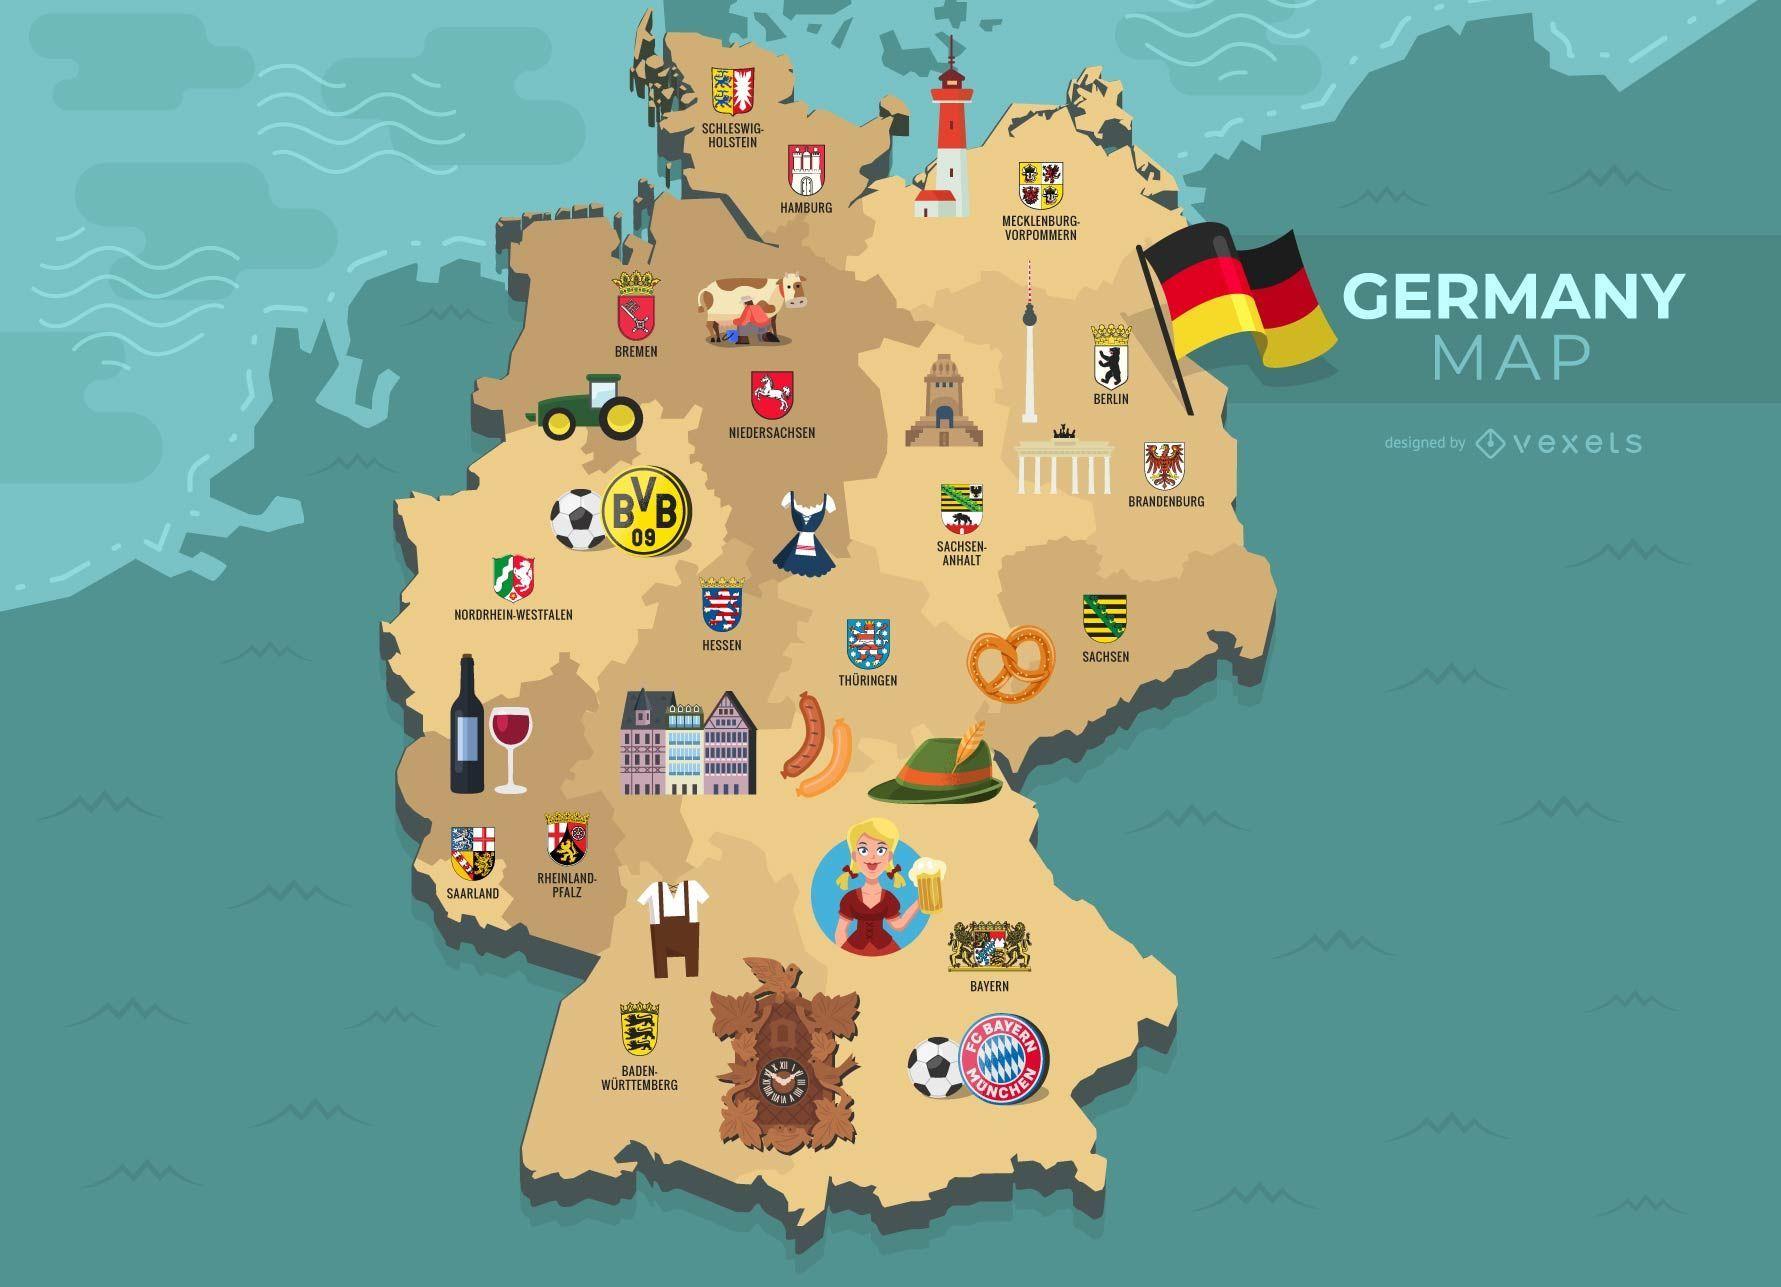 Ilustraci?n del mapa de Alemania